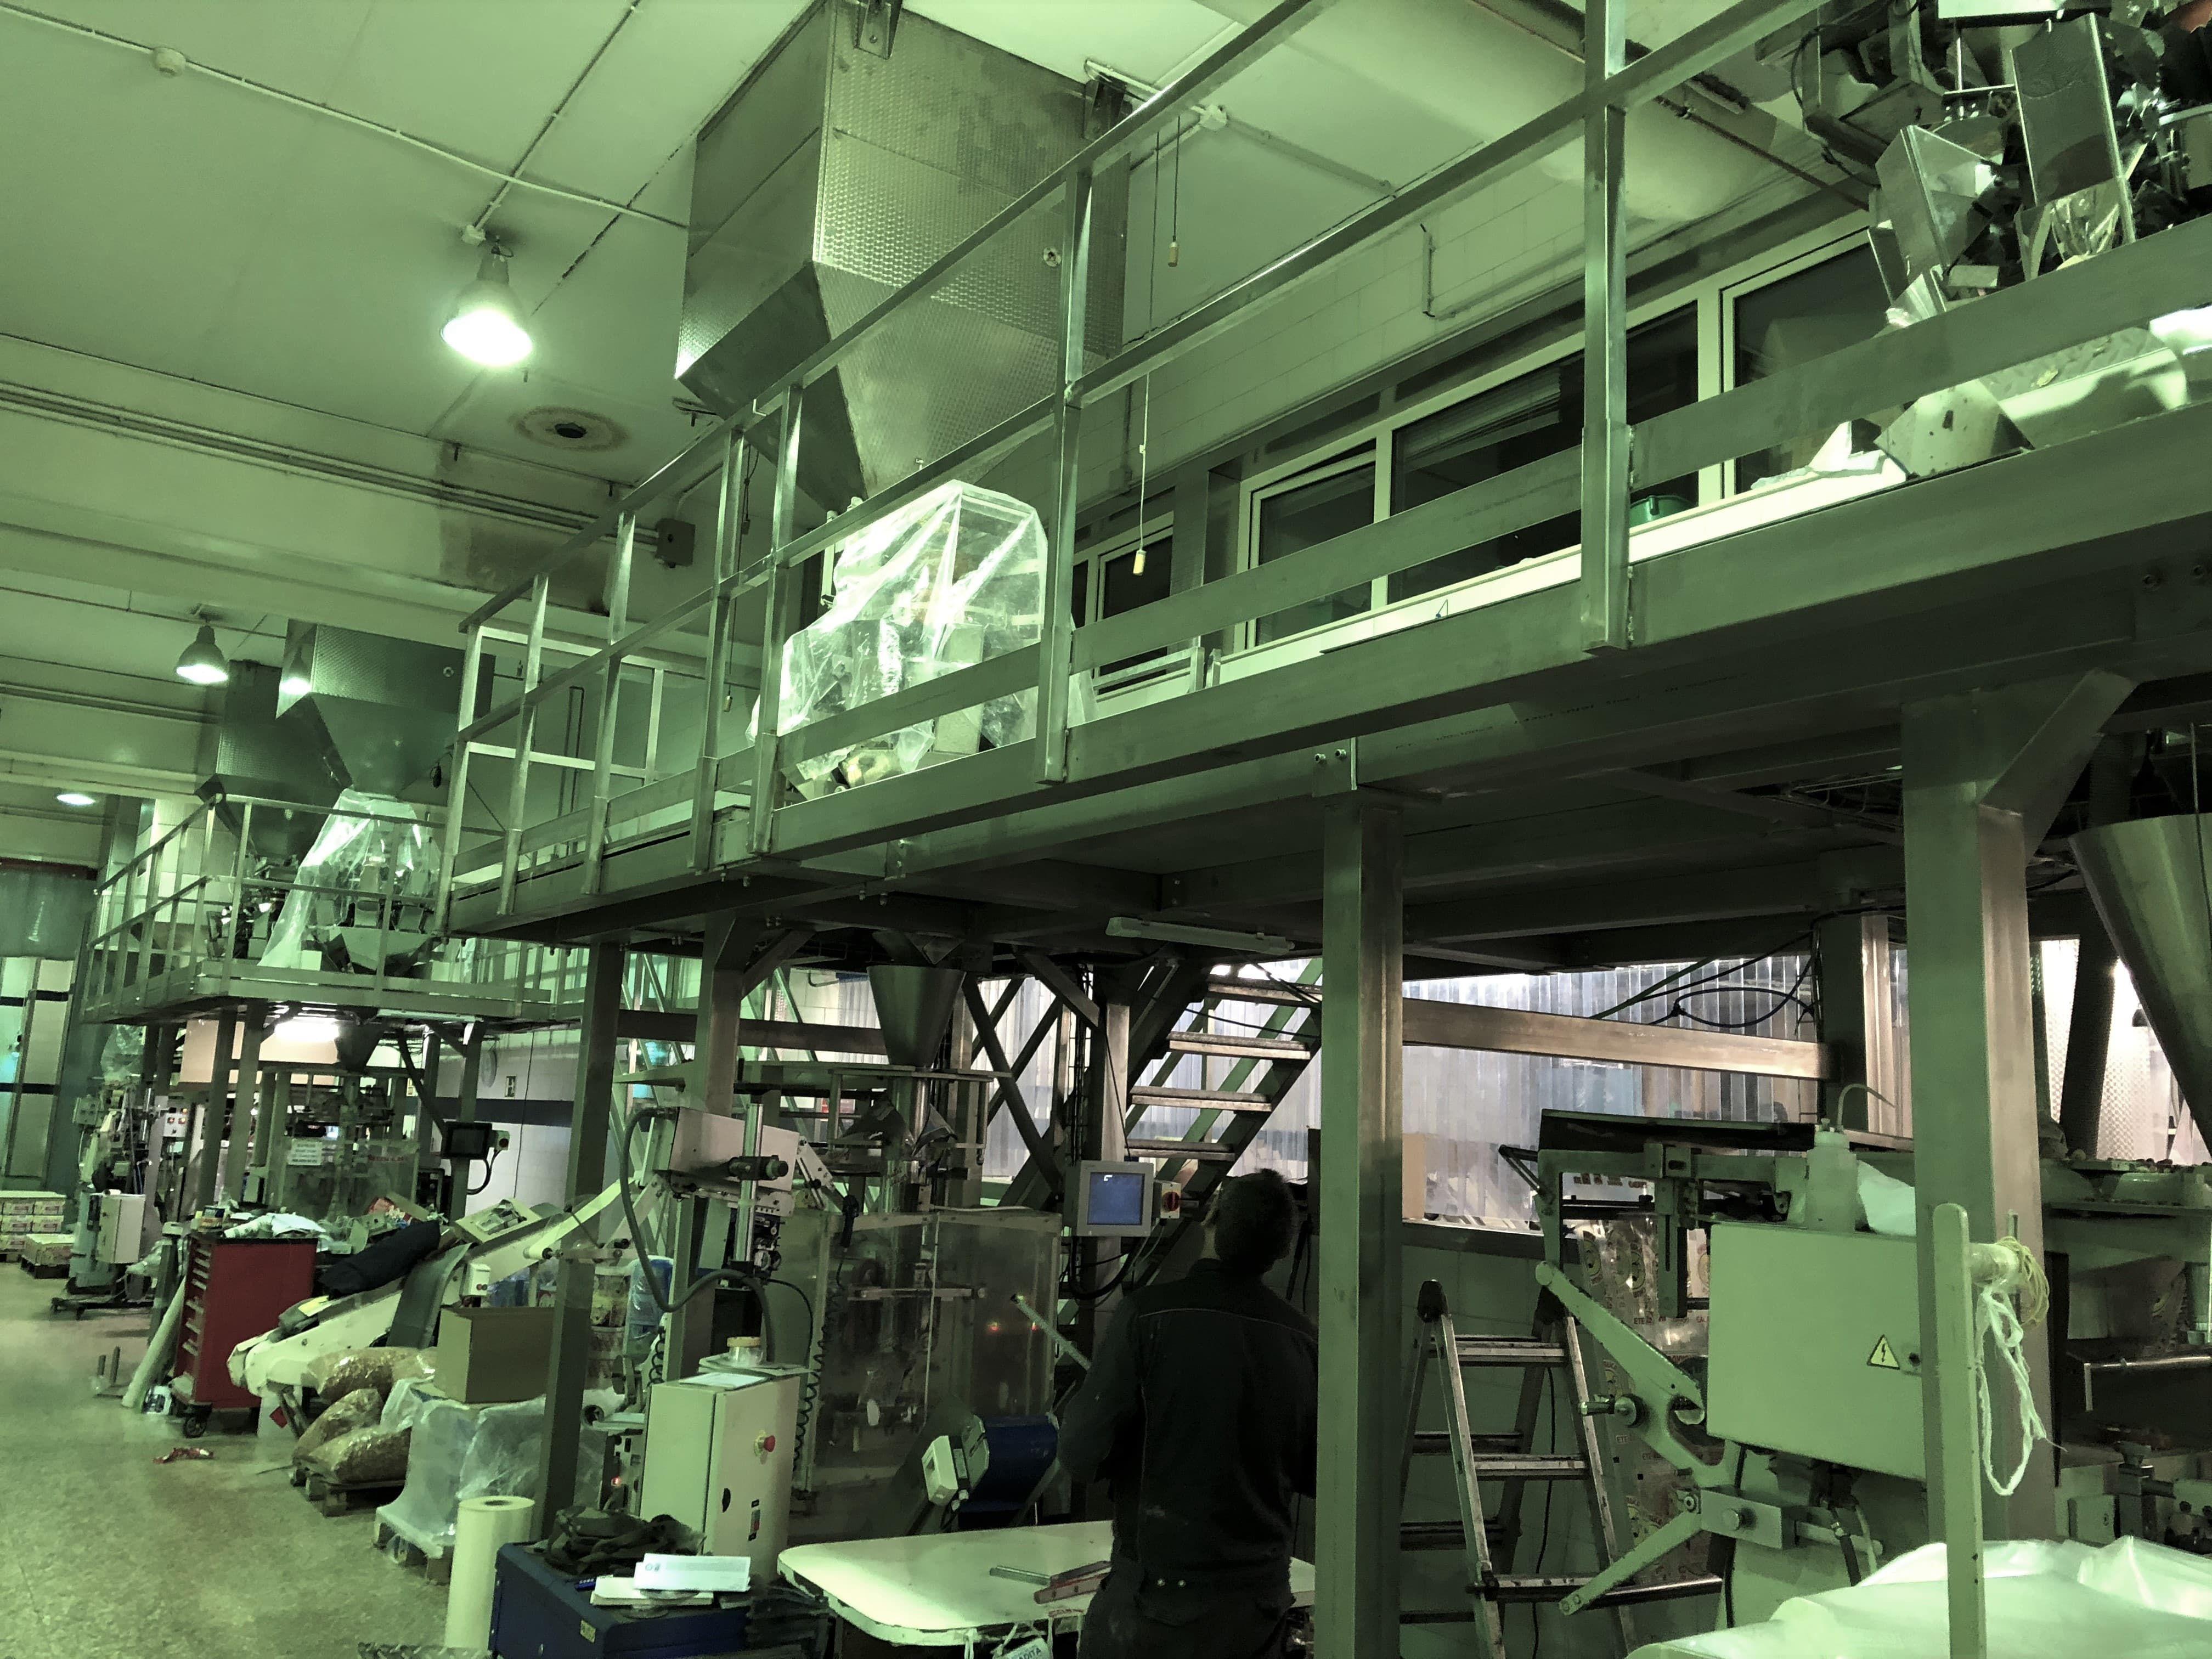 Montaje especifico de estructura metálica para fabrica en producción (Metálicas DM)